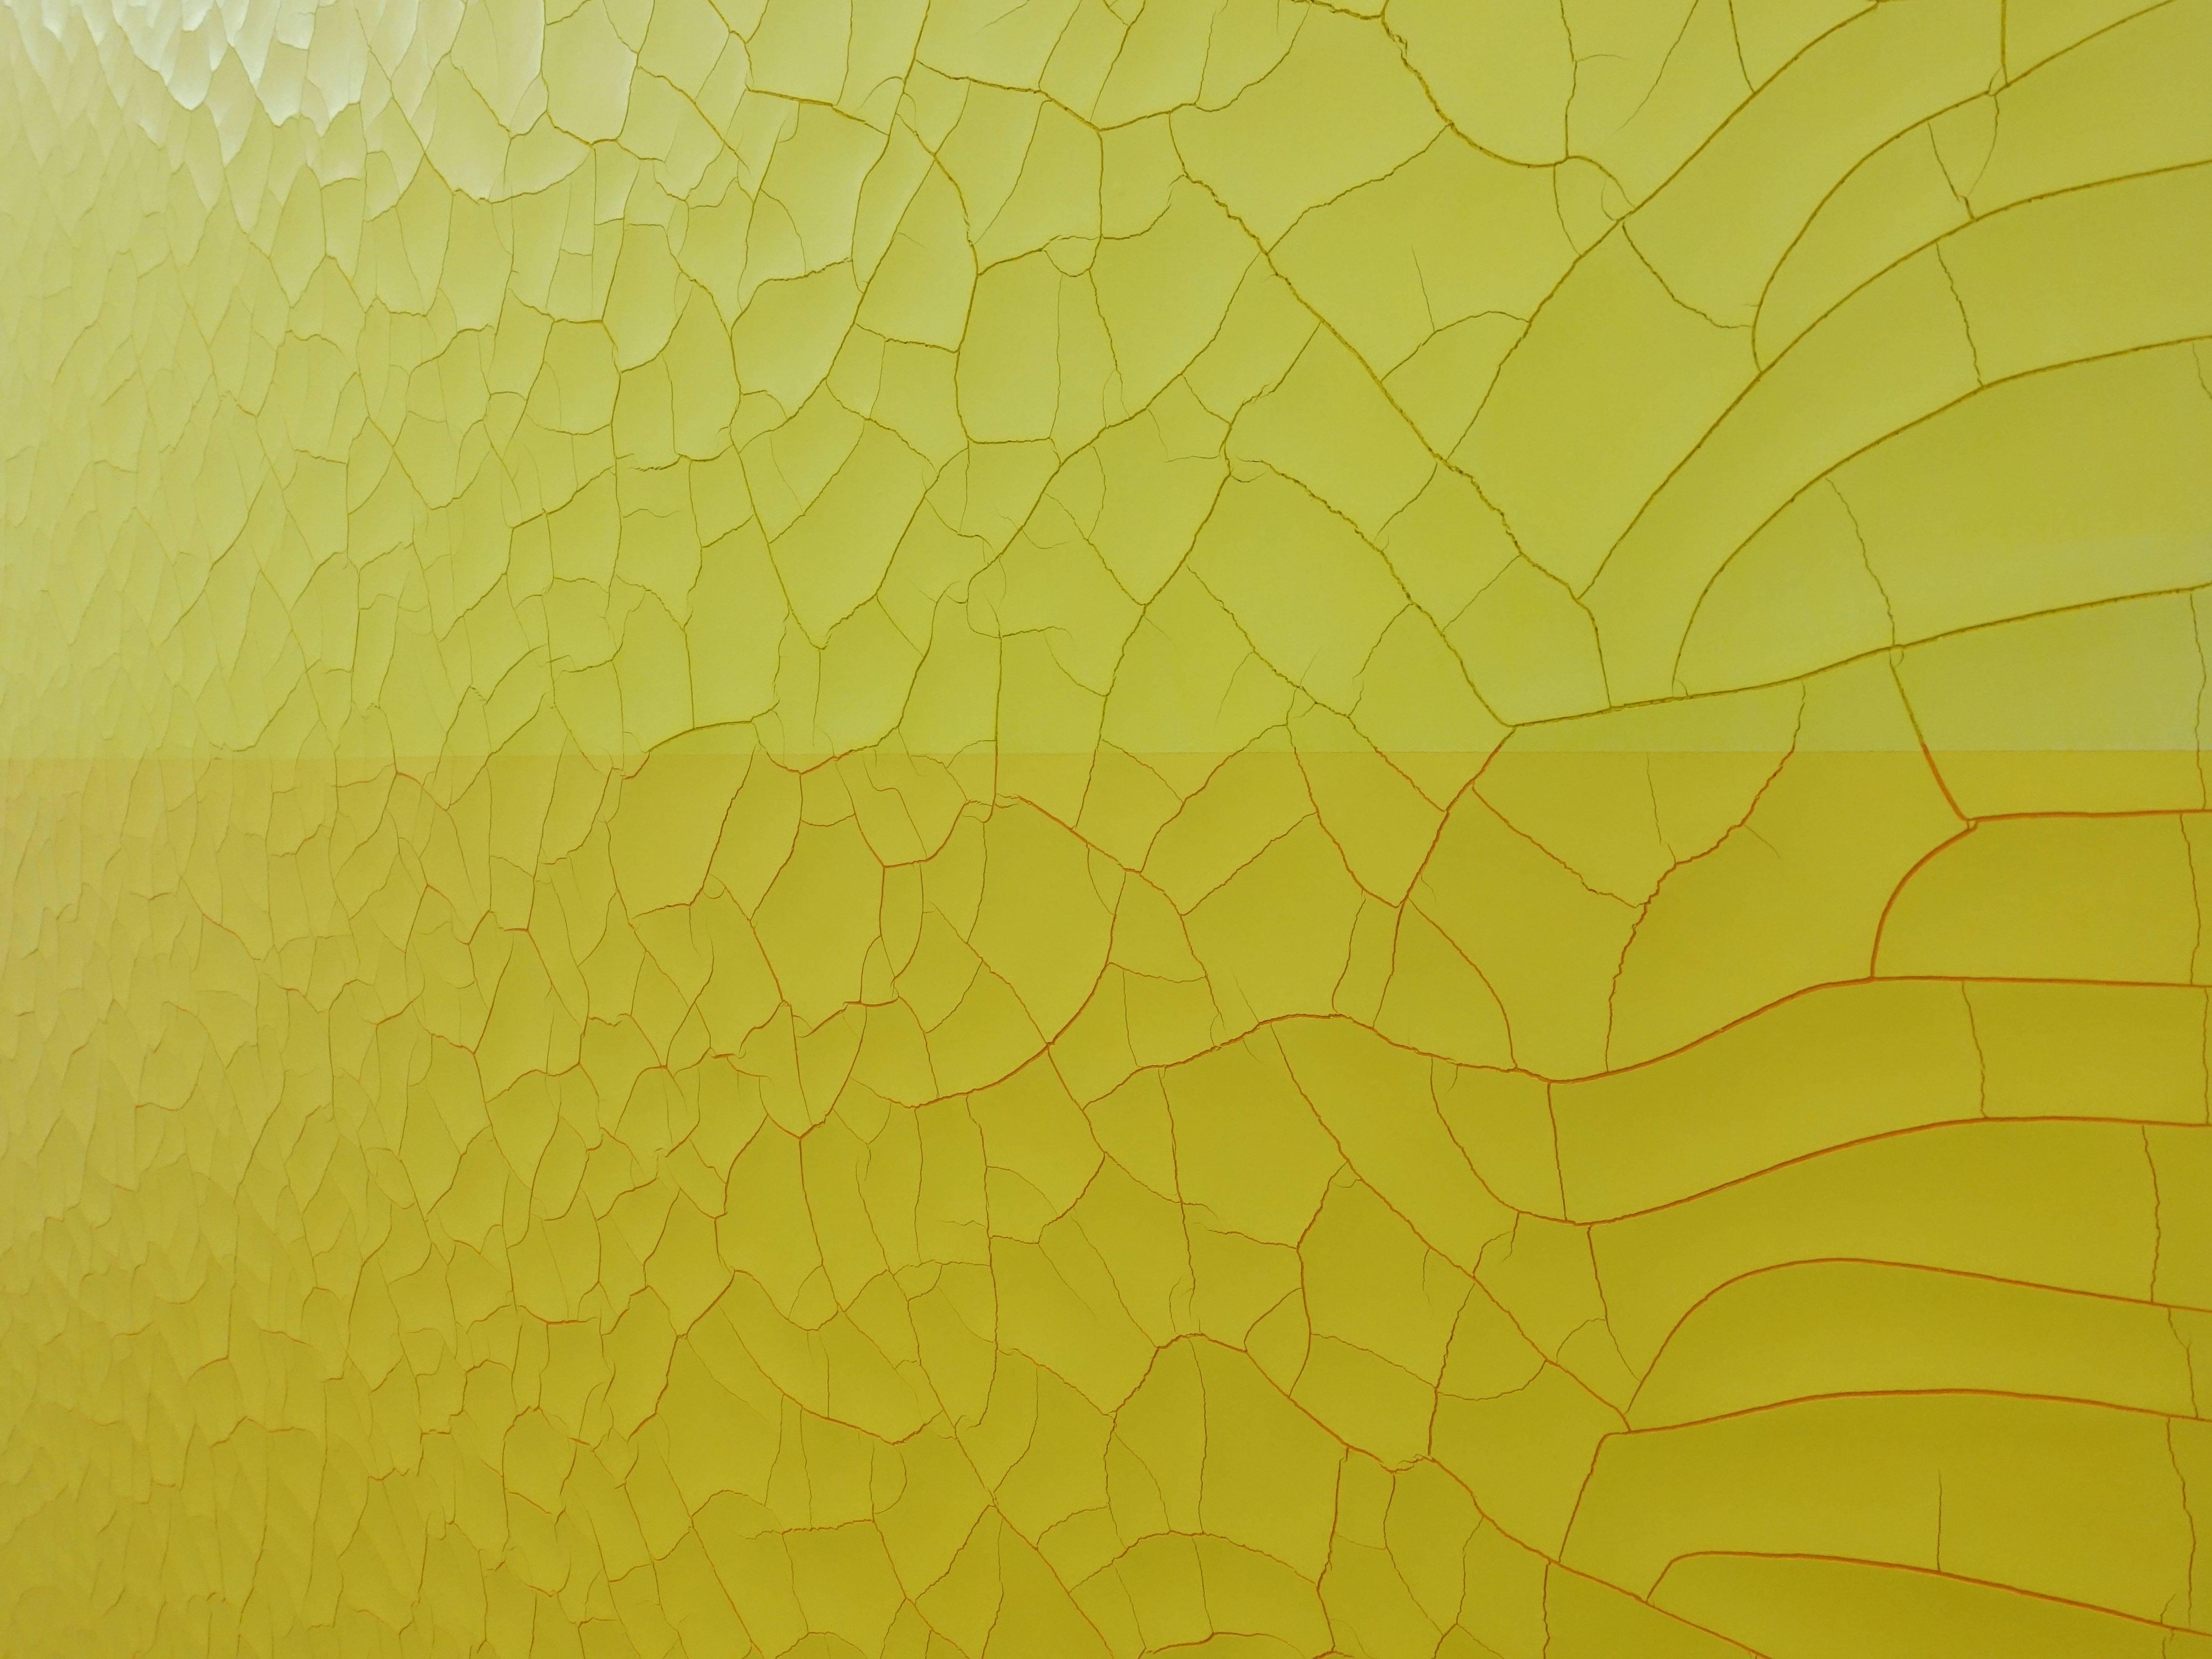 王永衢,《One Hundred Year March》細節,110 x 110 cm,乳膠漆、廣告顏料、畫布、木板,2019。